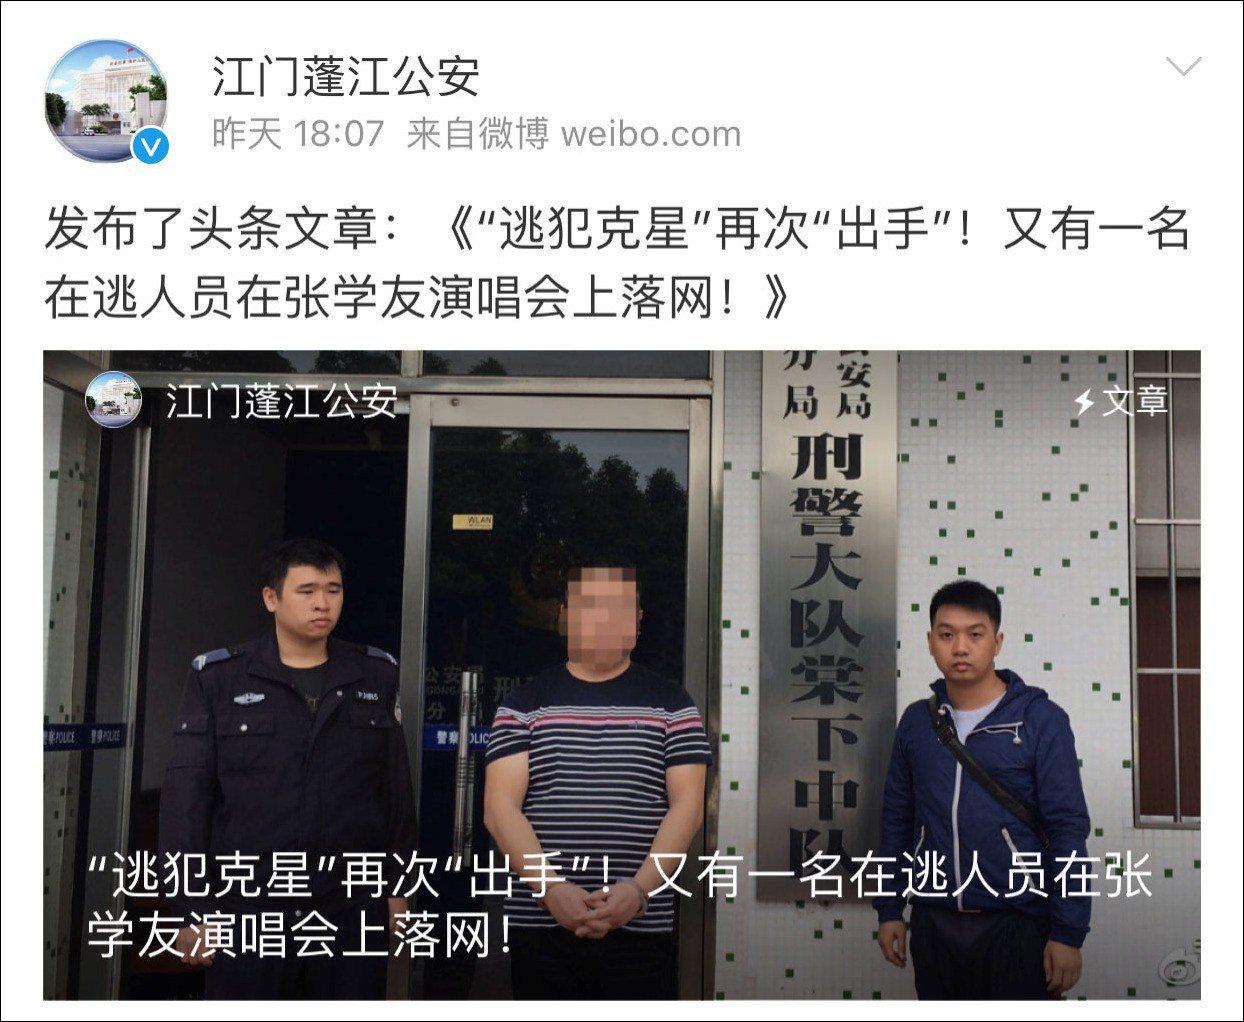 廣東江門公安微博發布在張學友演唱會上抓到通緝犯。(取自觀察者網)